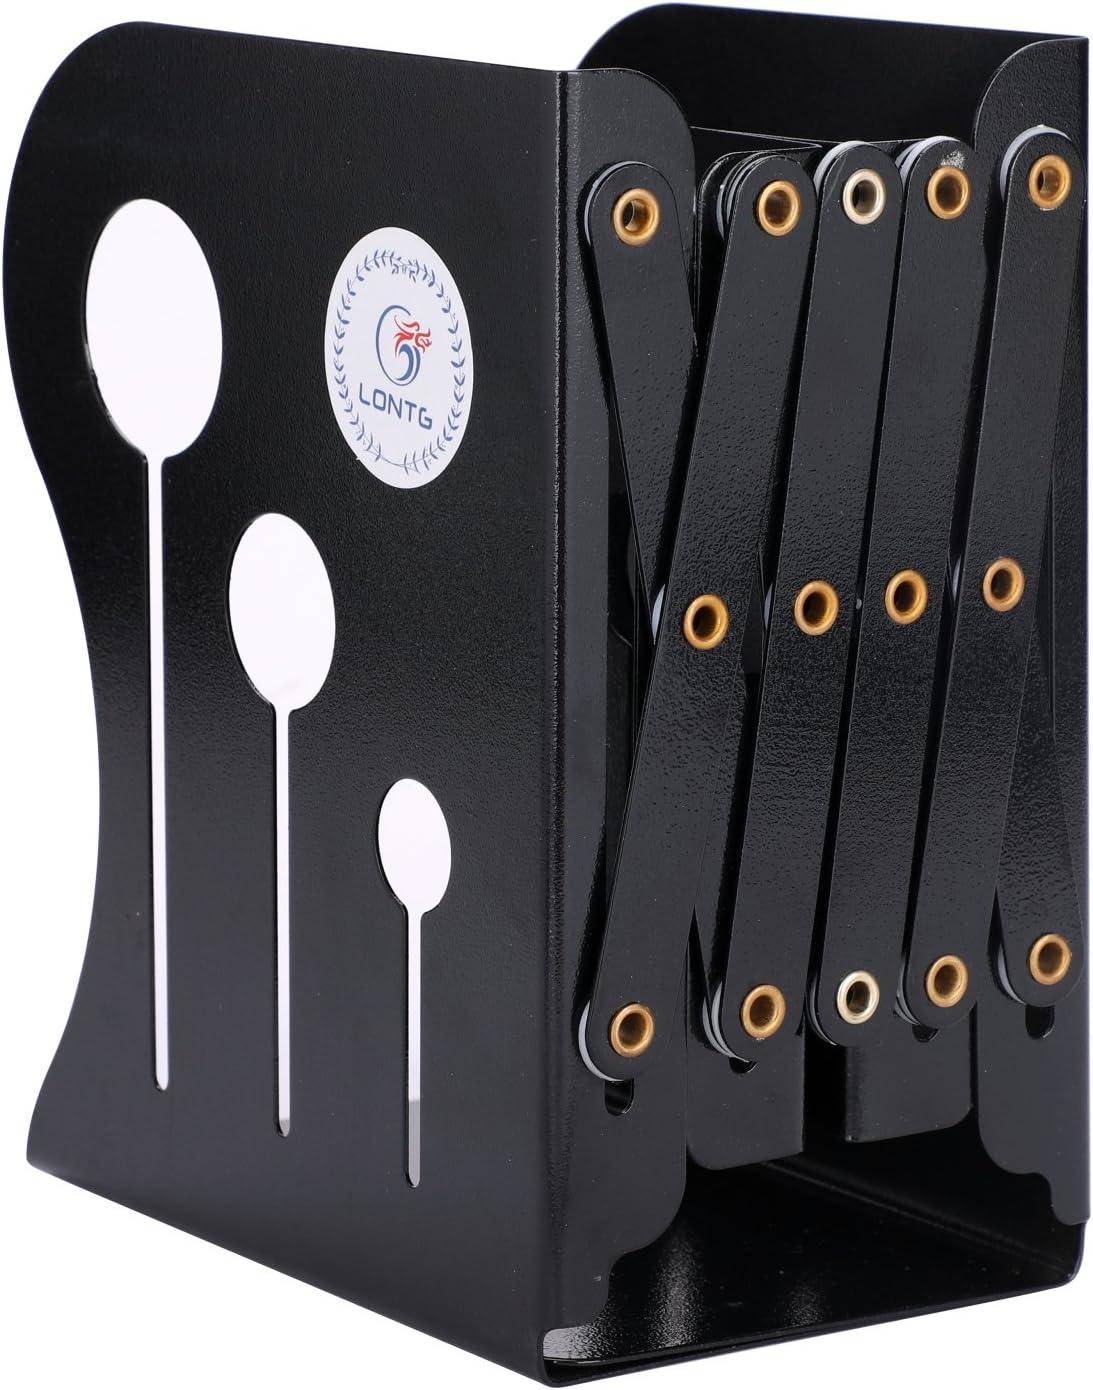 rétractable Heavy Duty antidérapante Serre-livres Bureau Boîte de rangement organisateur en métal Porte-revues support Desk Tidy livre étagère support support pour accordéon gris YJZQ